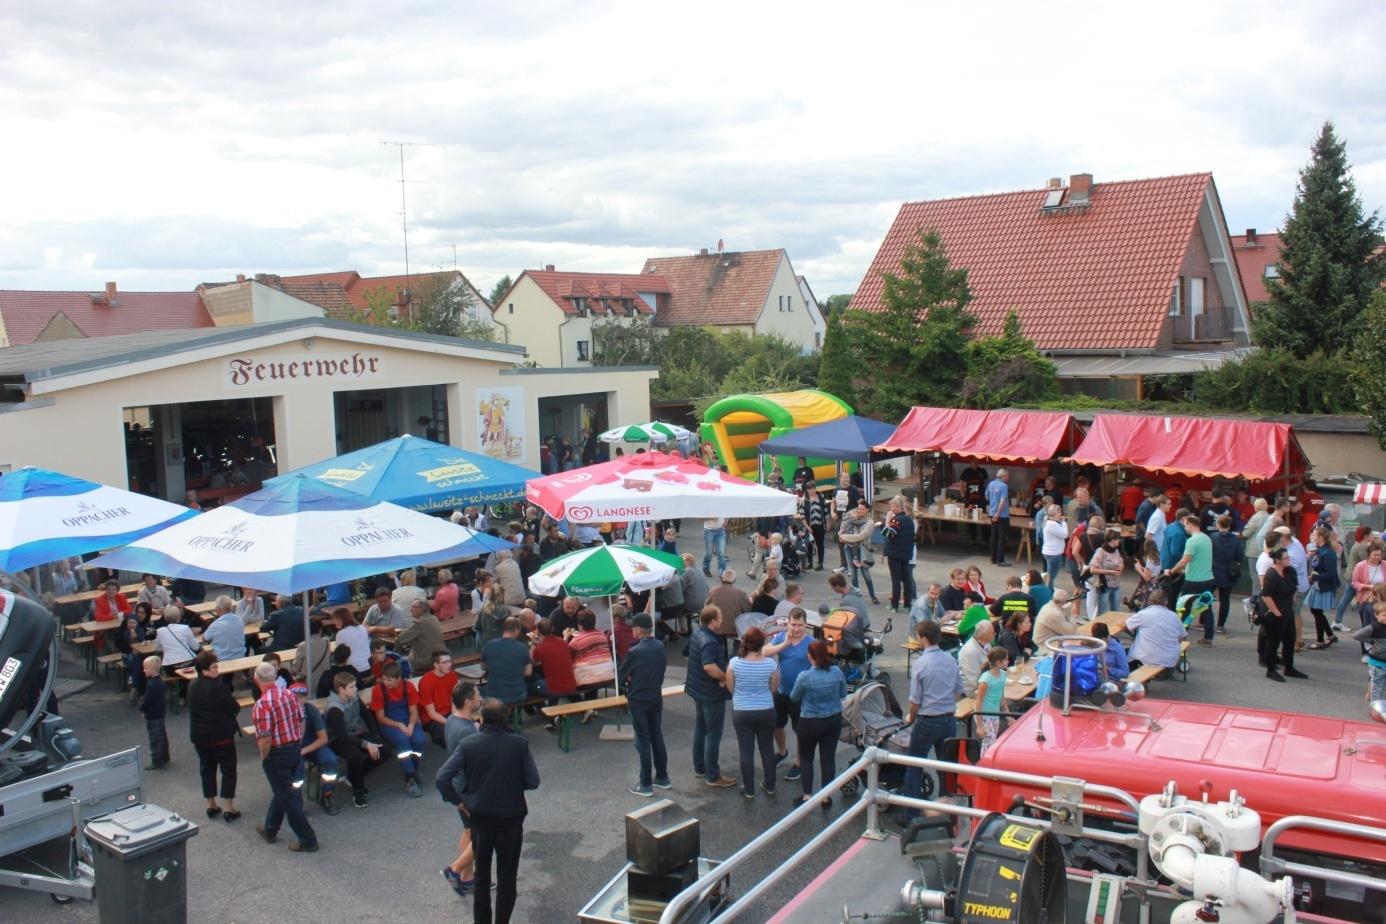 Bild_Festplatz (6)